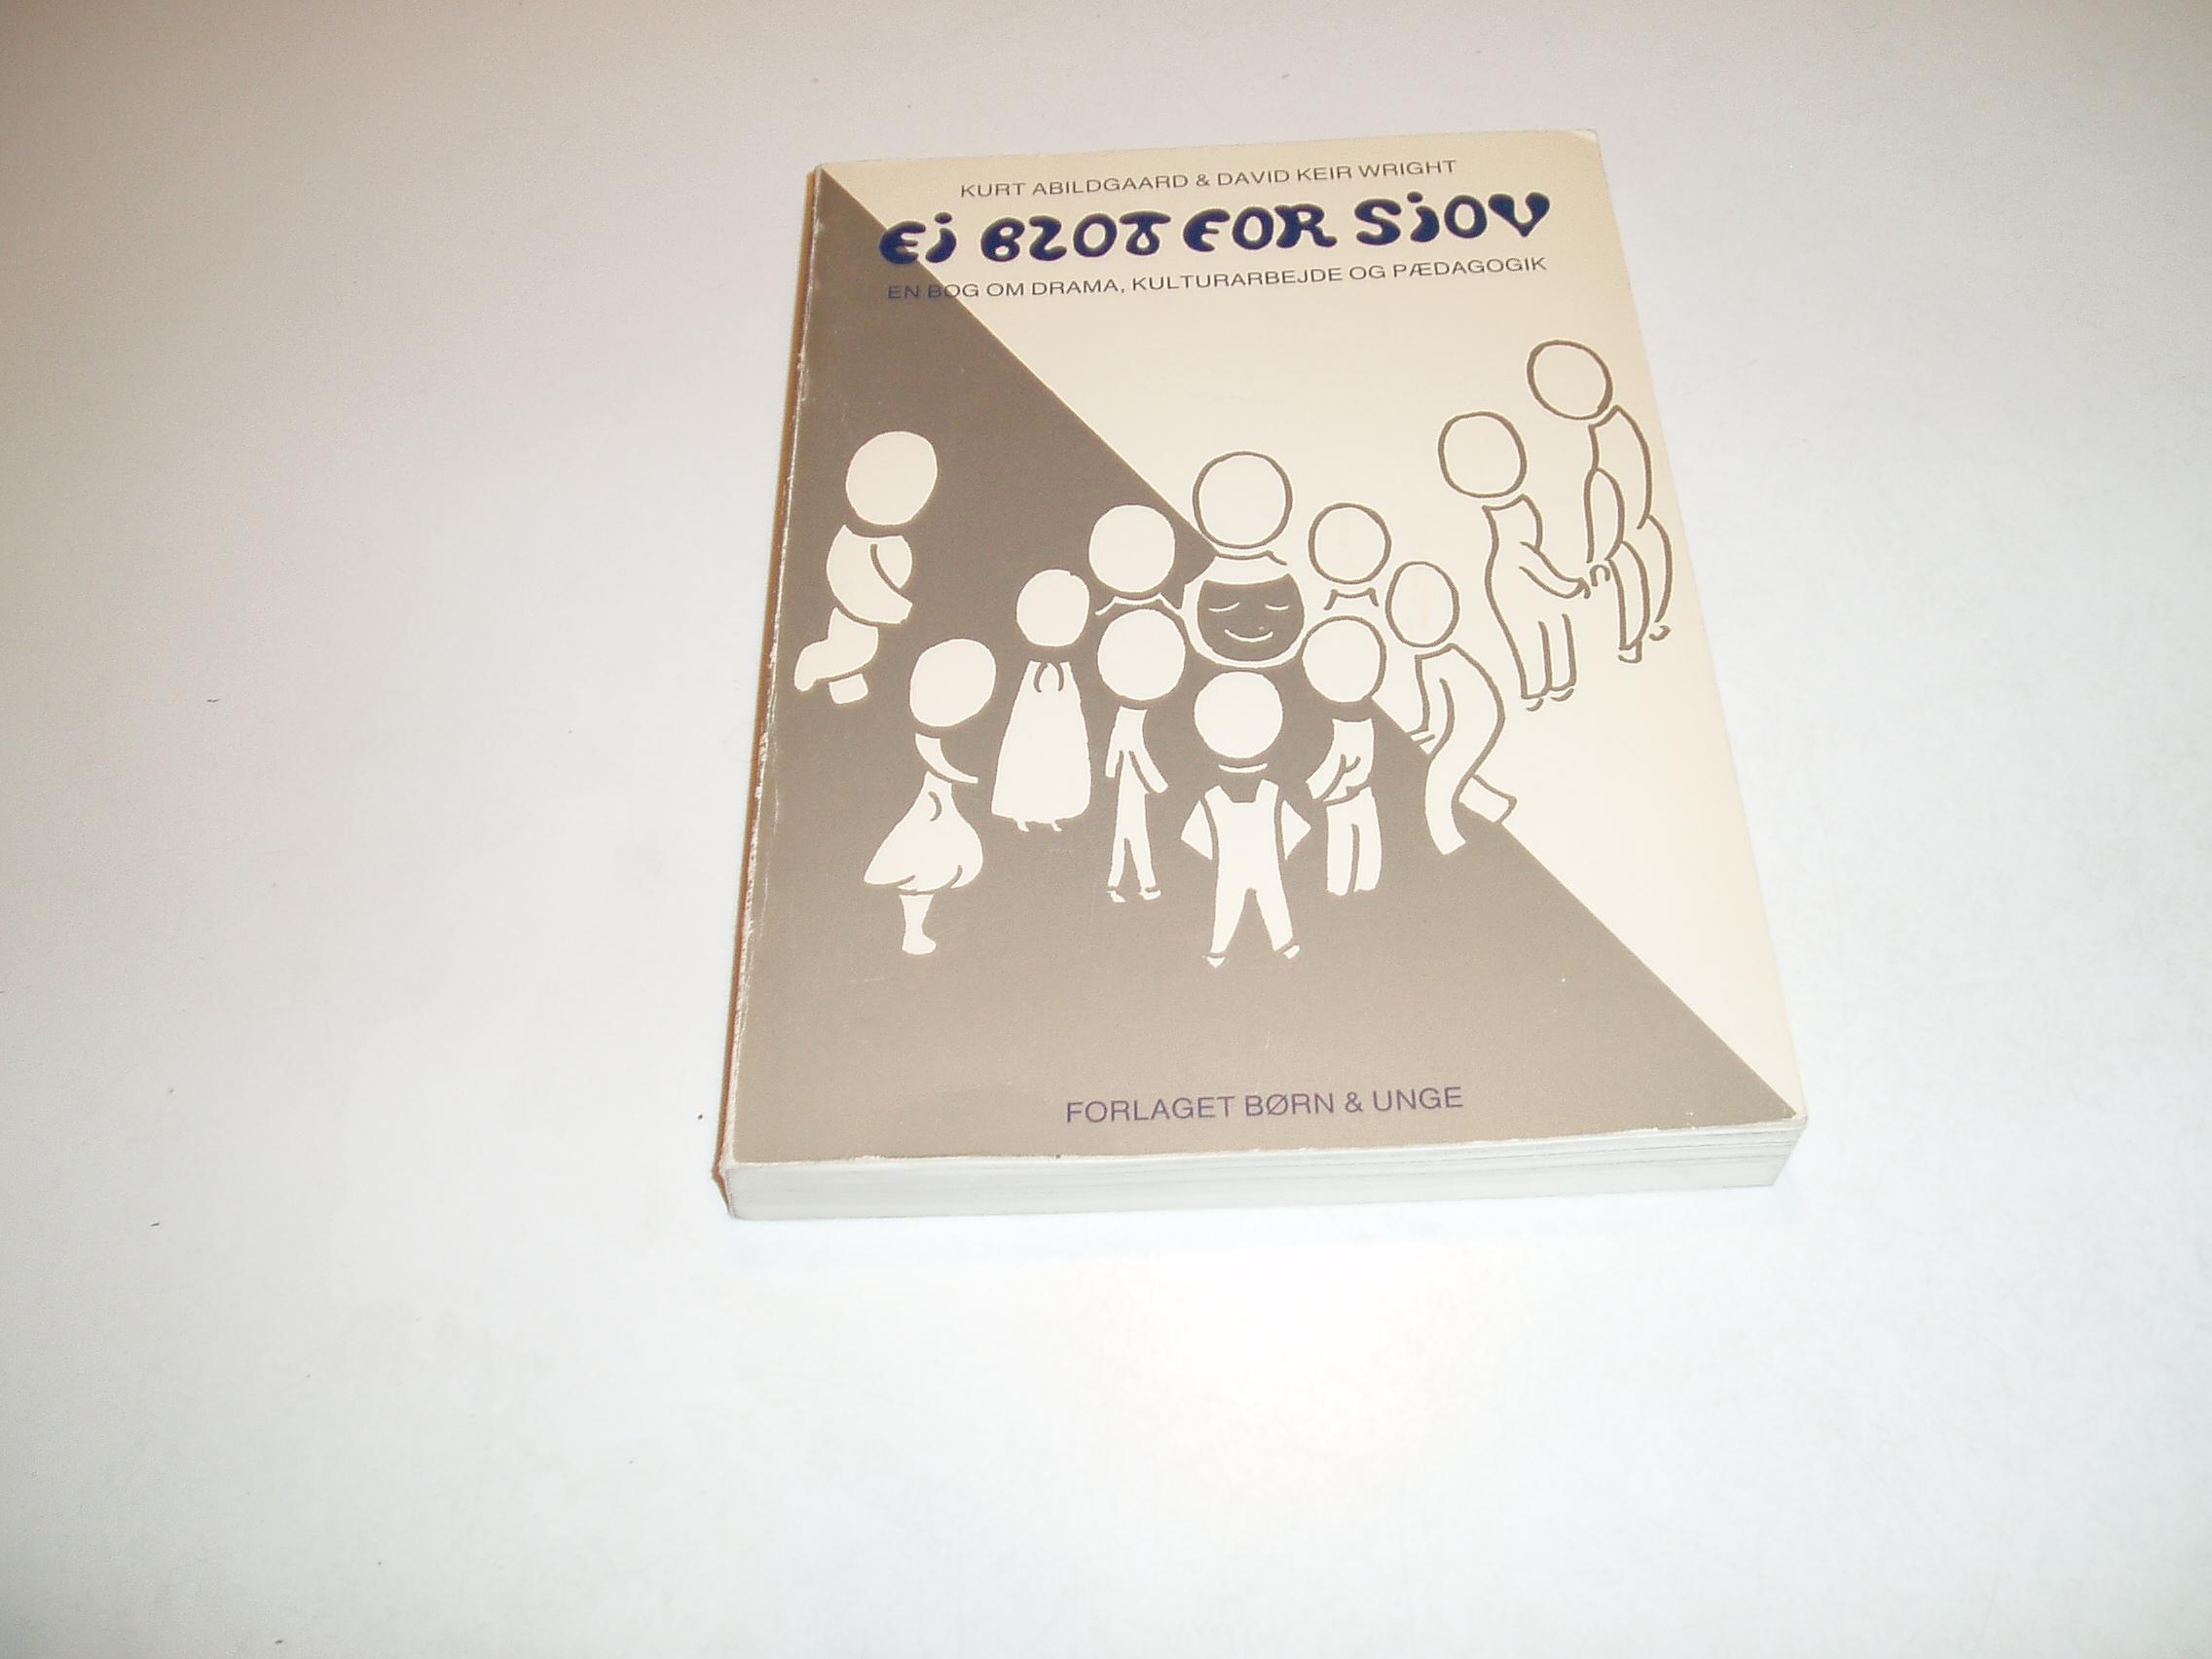 ej blot for sjov. En bog om drama, kulturarbejde og pædagogik